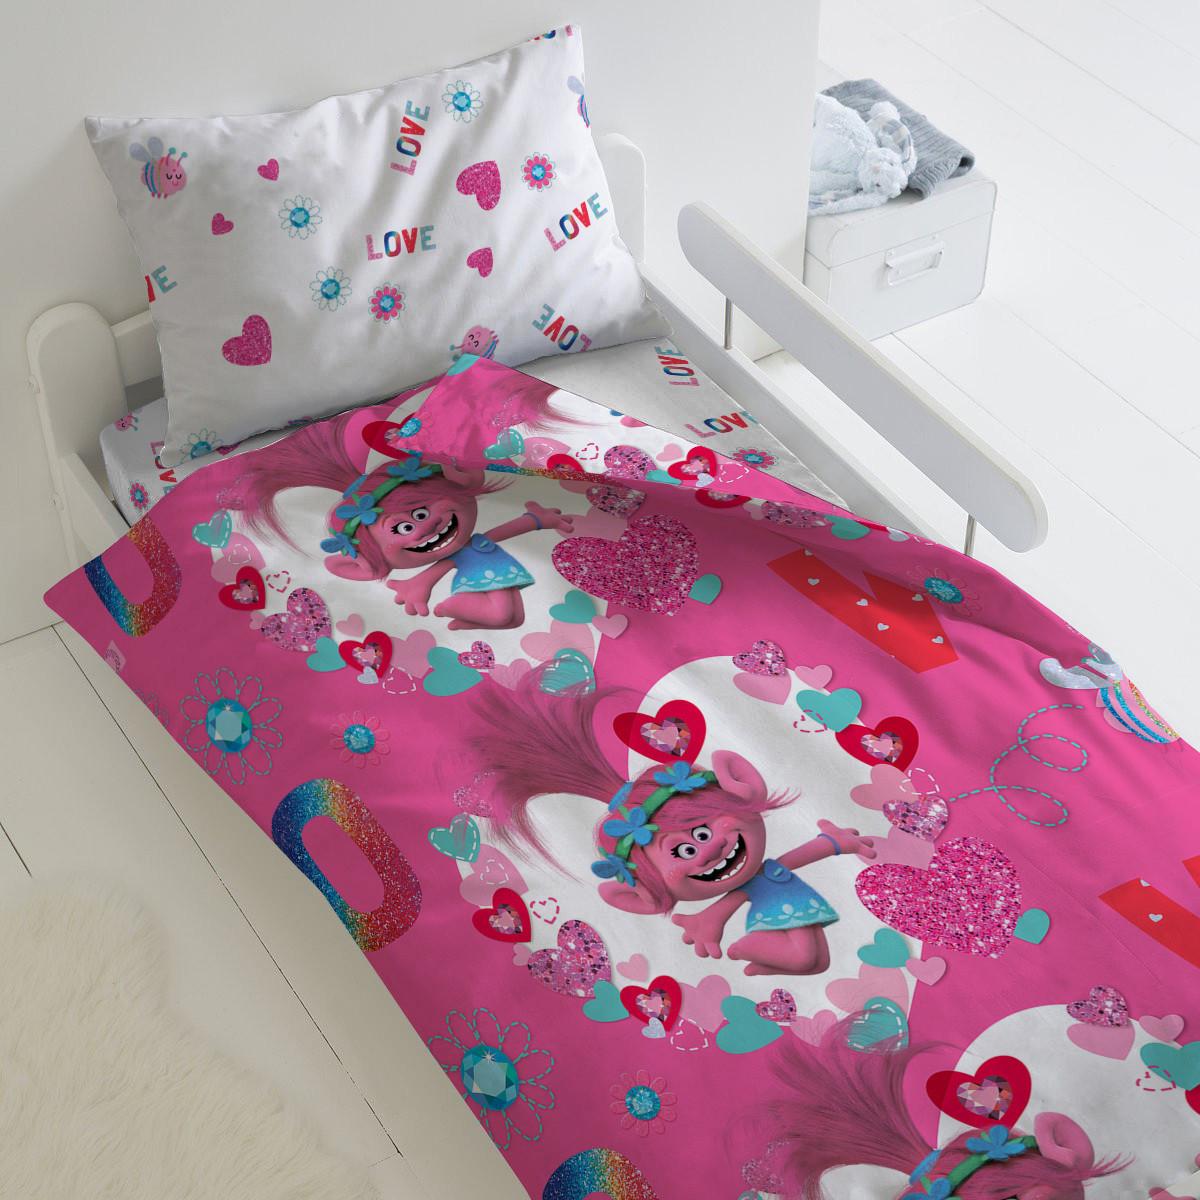 HOMY Комплект постельного белья Валентинка, Trolls  HOMY  1.5 спальный